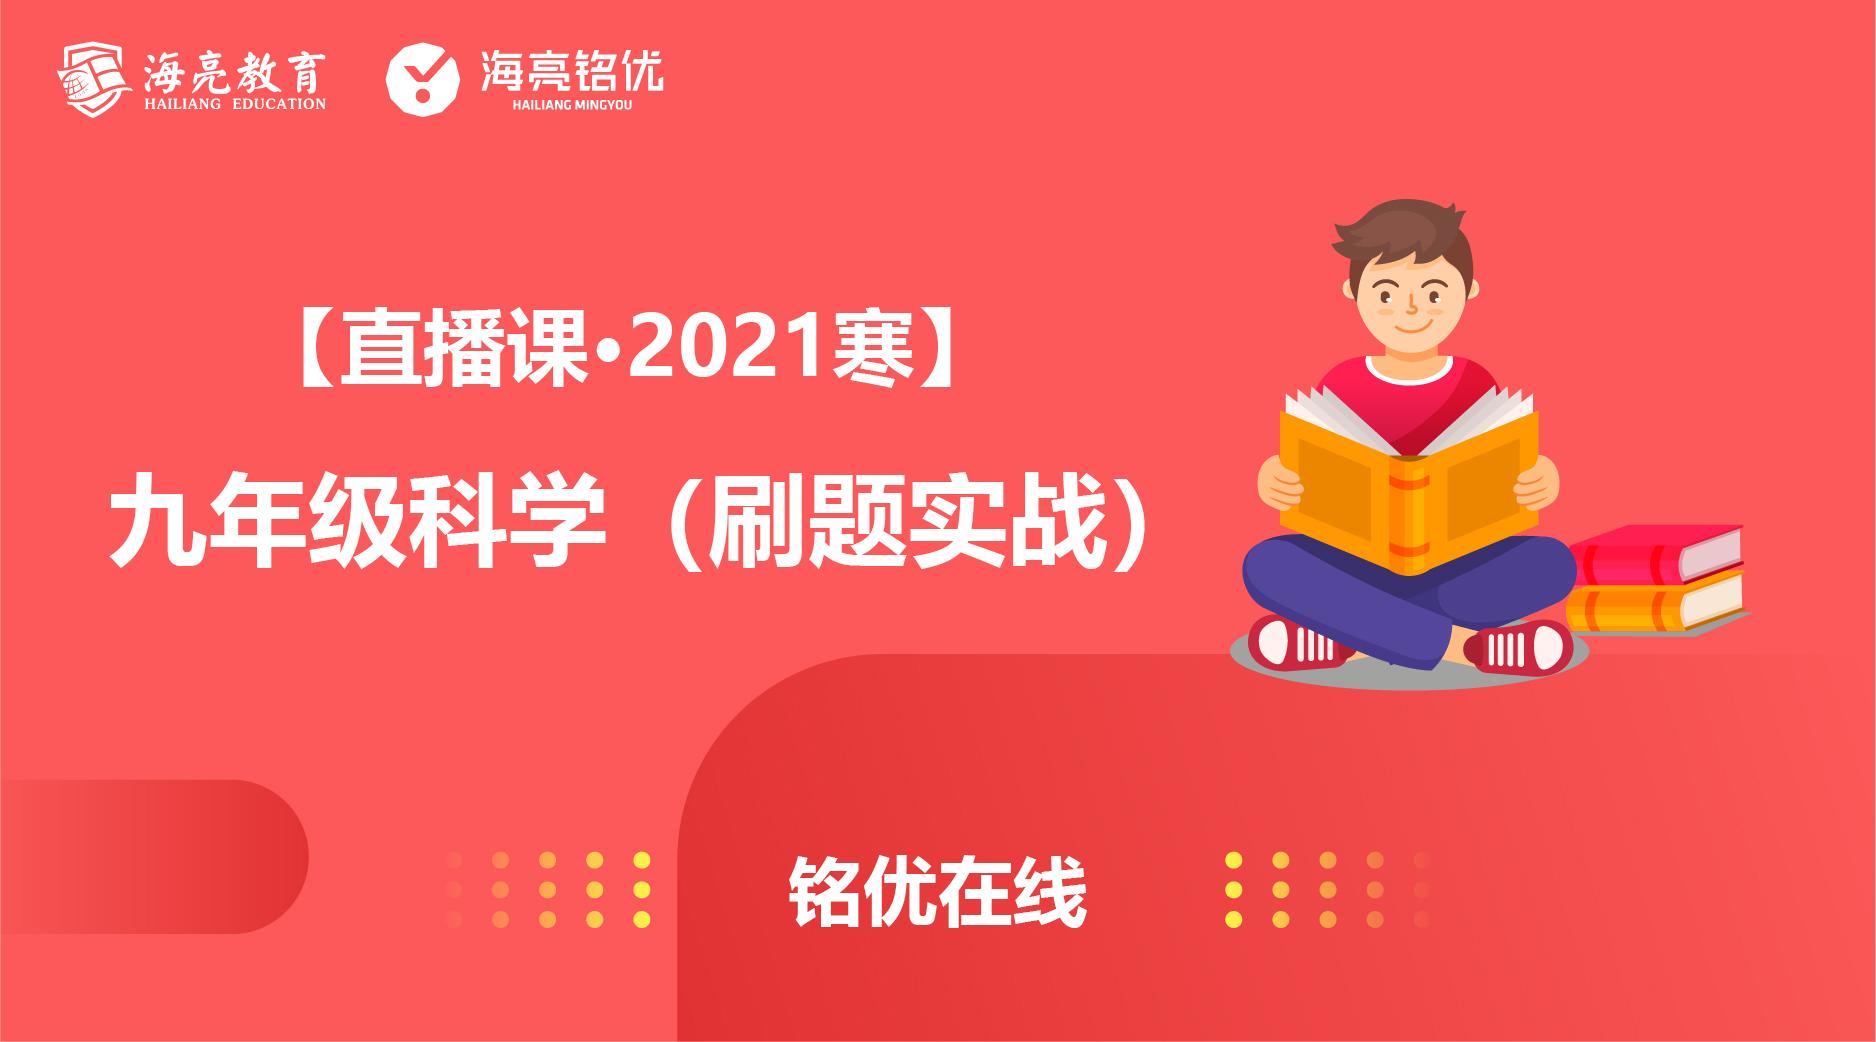 【直播课·2021寒】九年级科学(刷题实战)